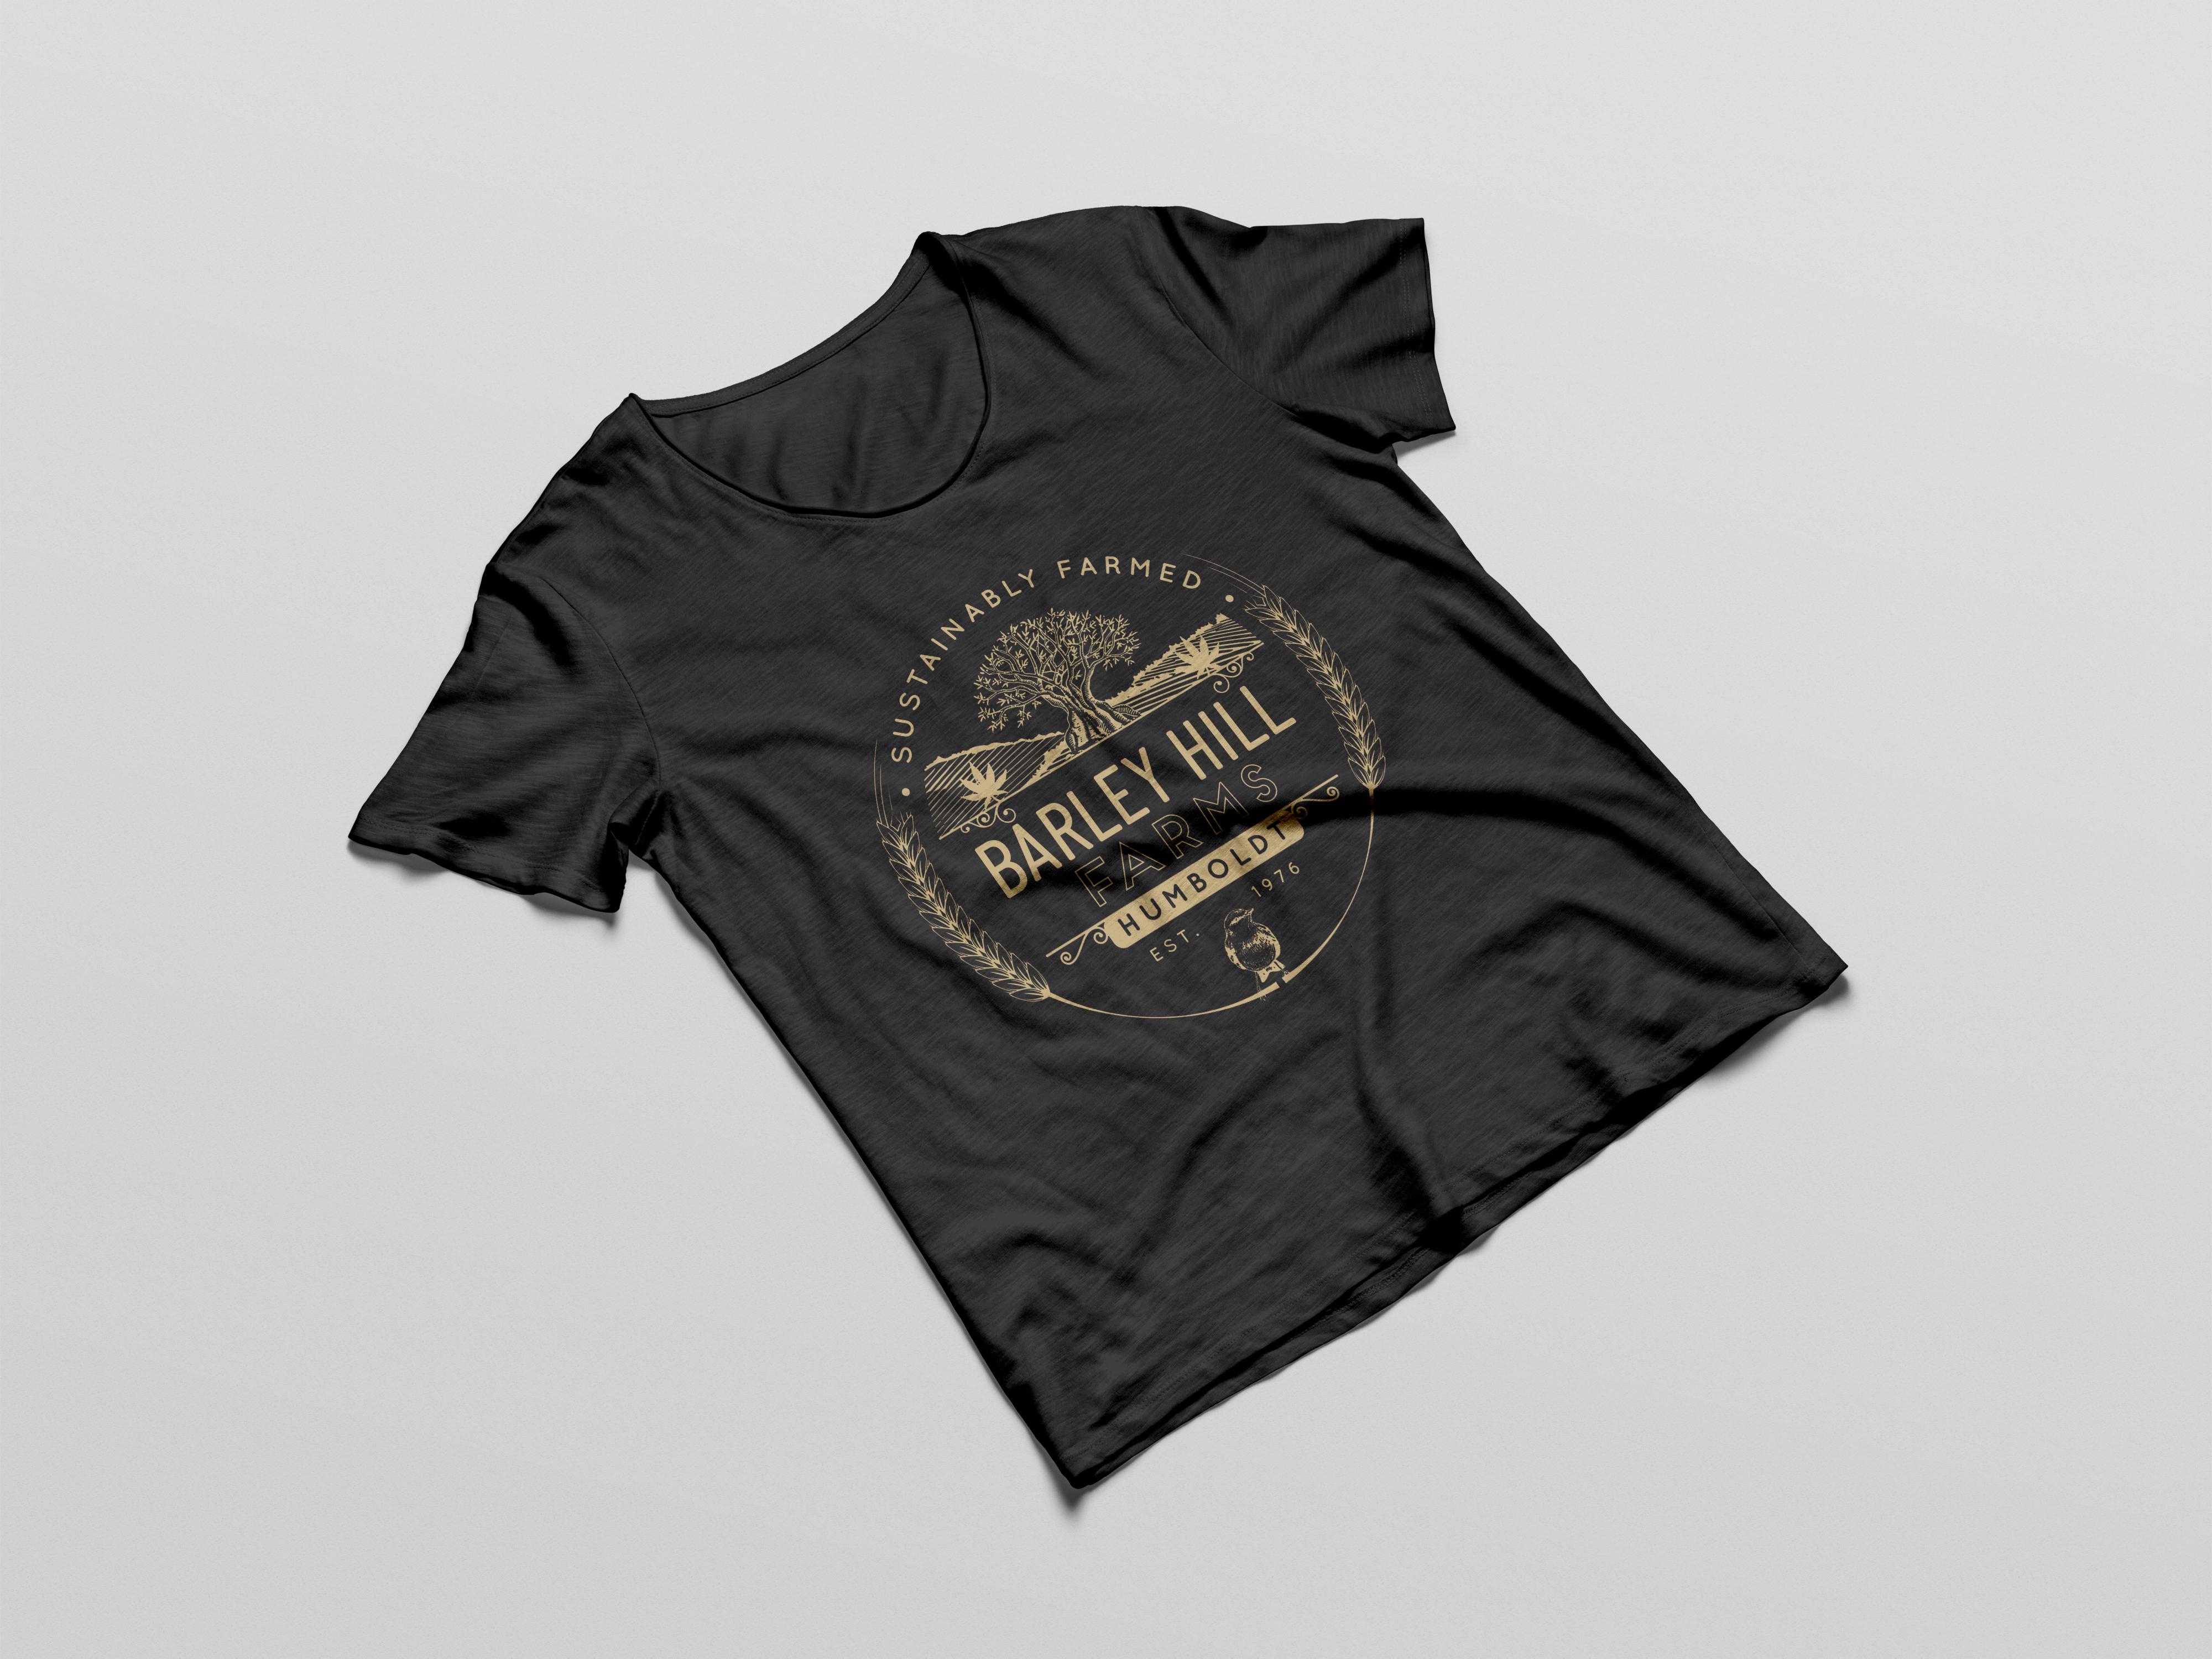 Barley Hill Shirt